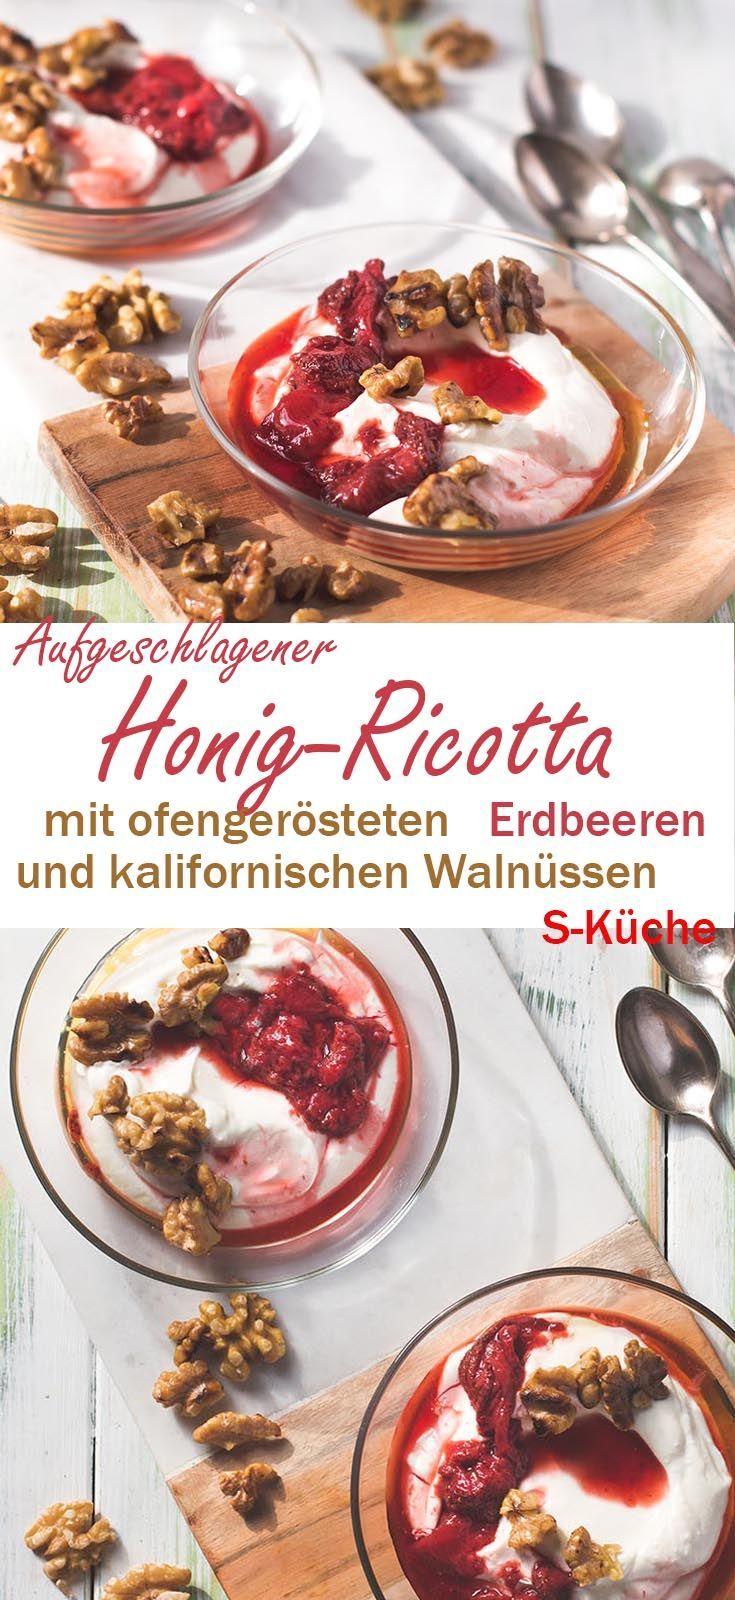 106 besten S-Küche Healthy Bilder auf Pinterest | Gesunde rezepte ...